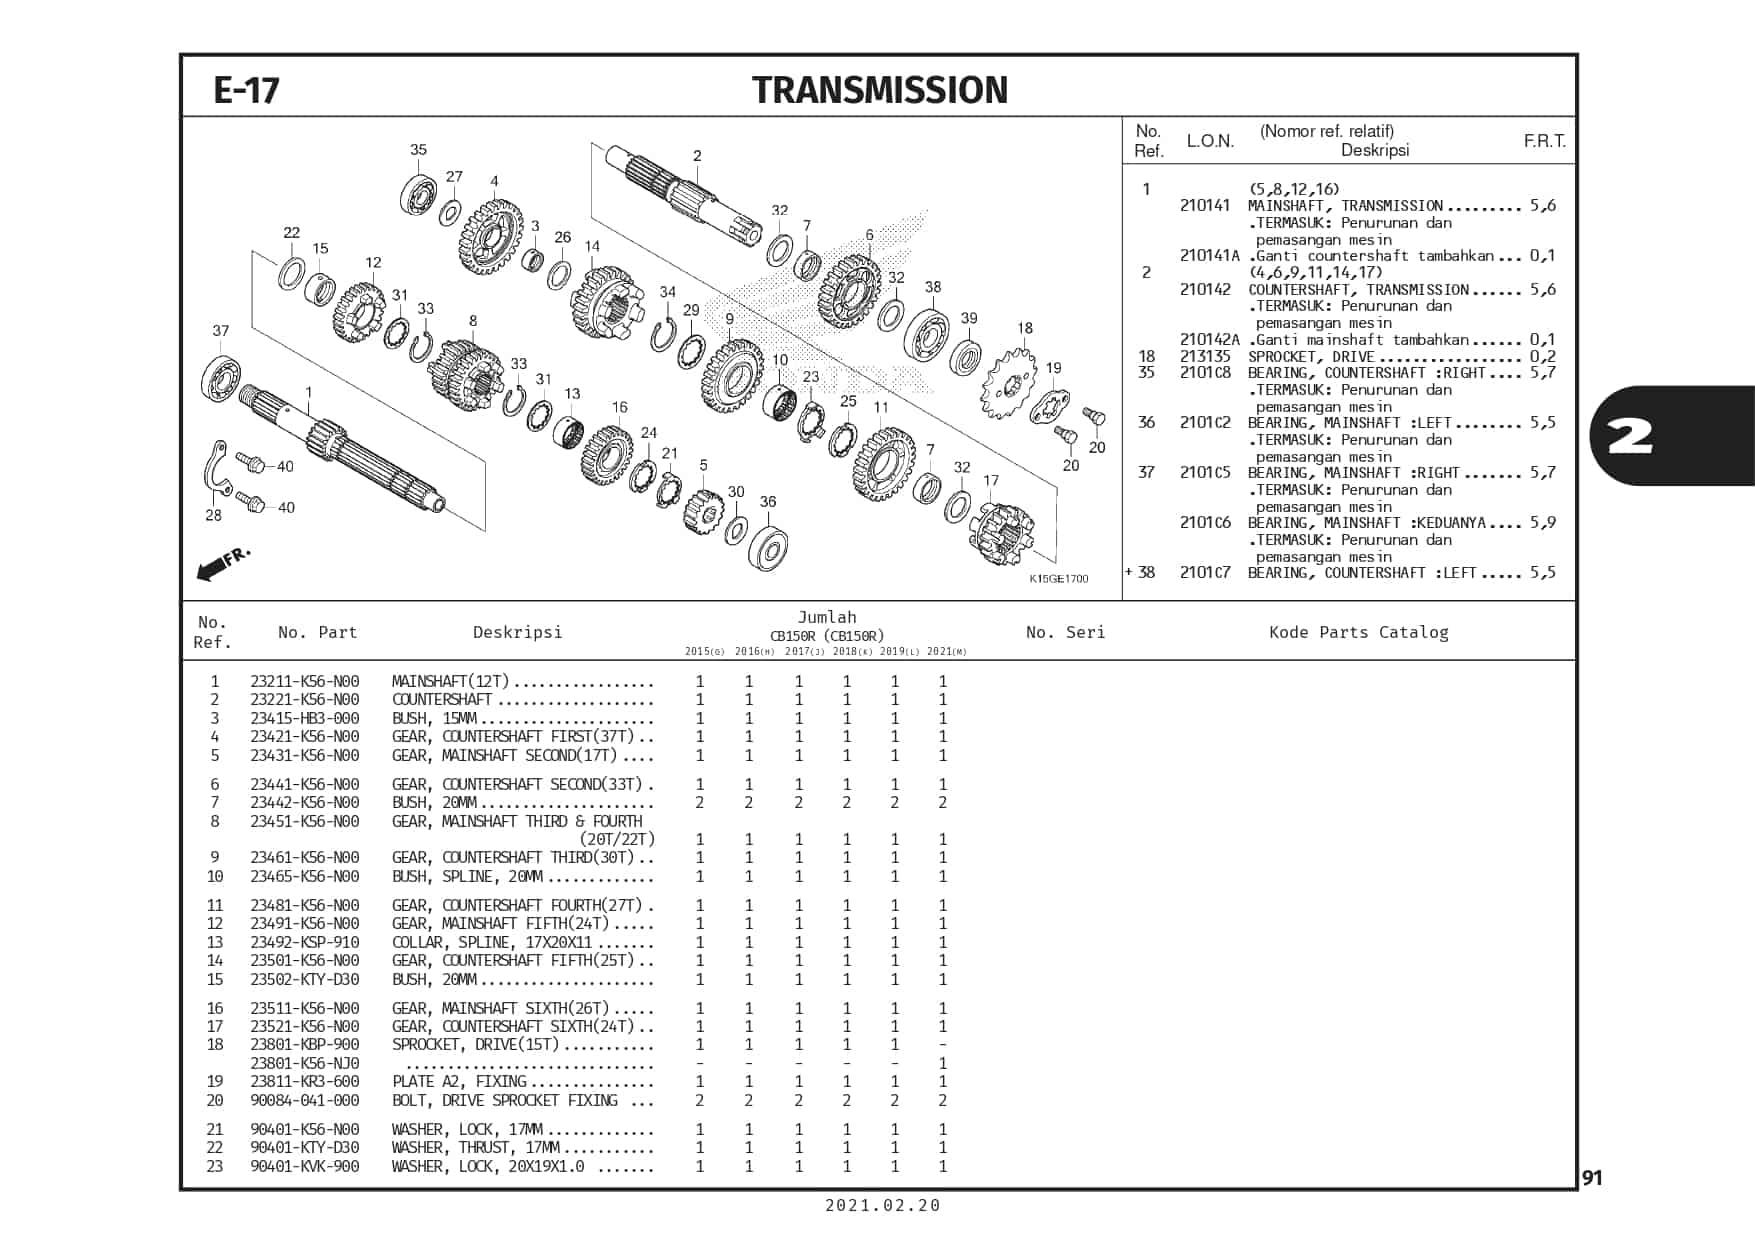 E-17 Transmission